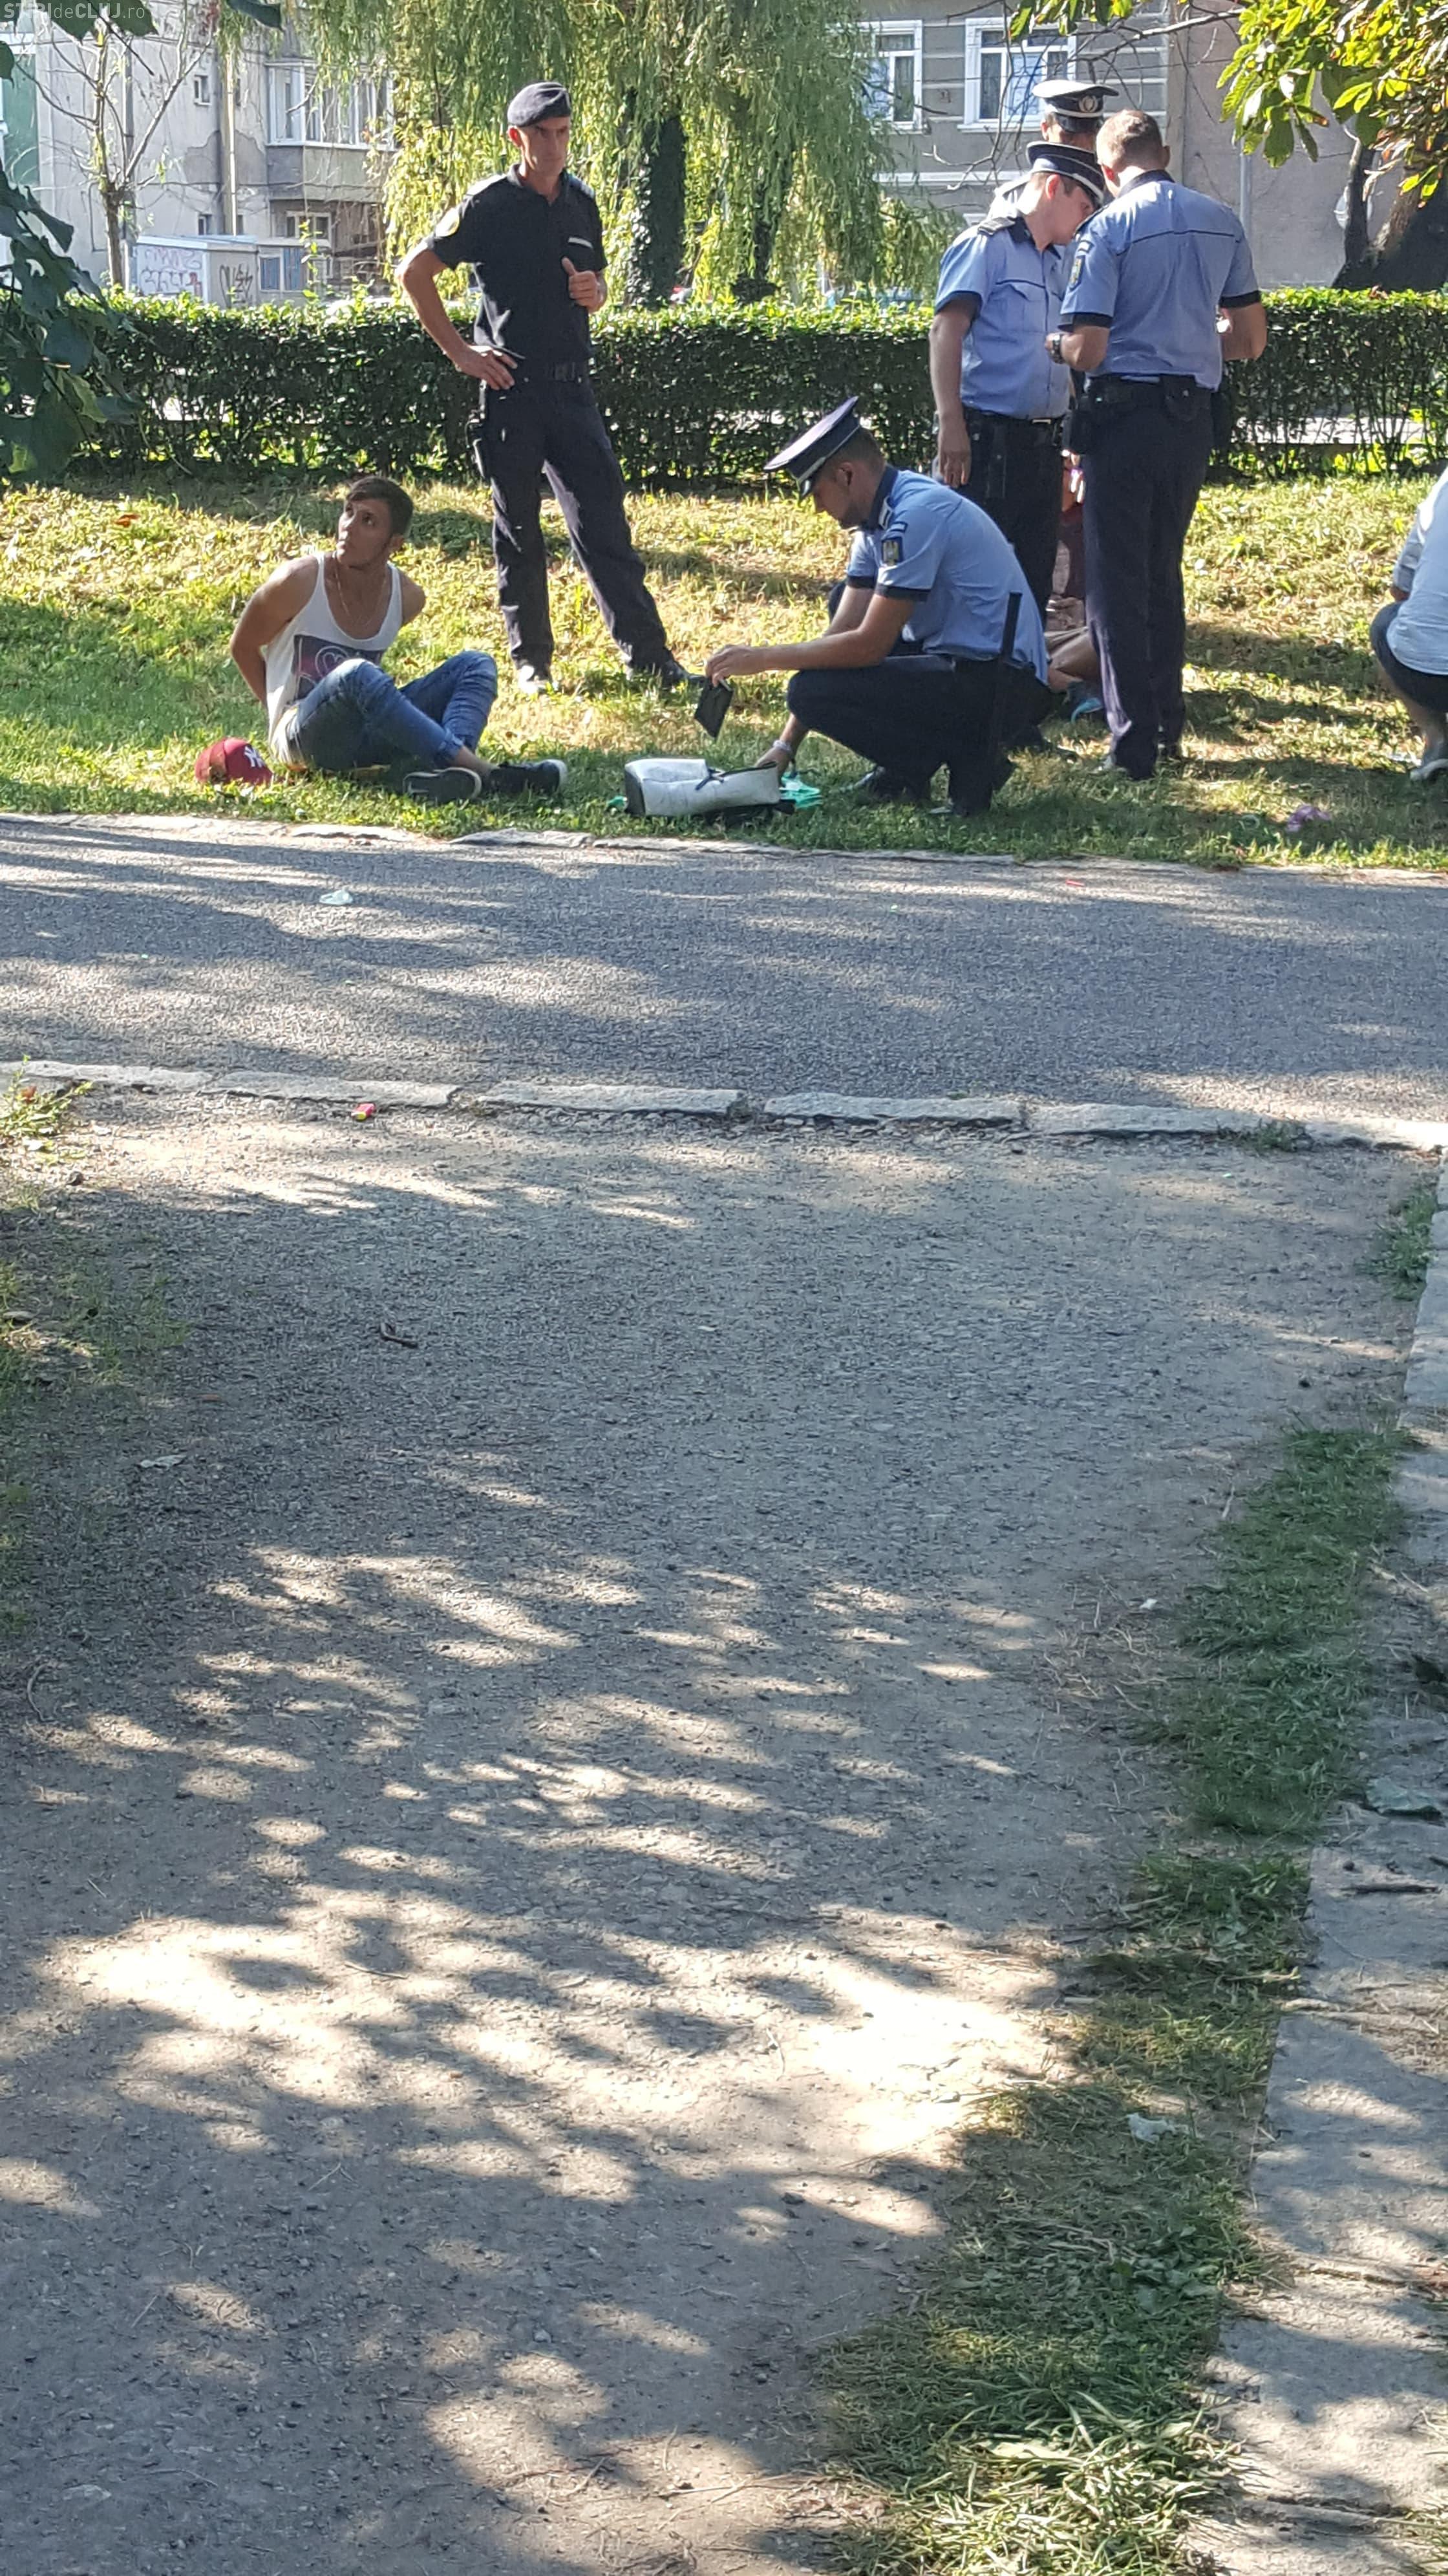 Arestări la Untold! Mircea Rus, noul șef al Poliției Cluj, a dat dovada de NORMALITATE - FOTO